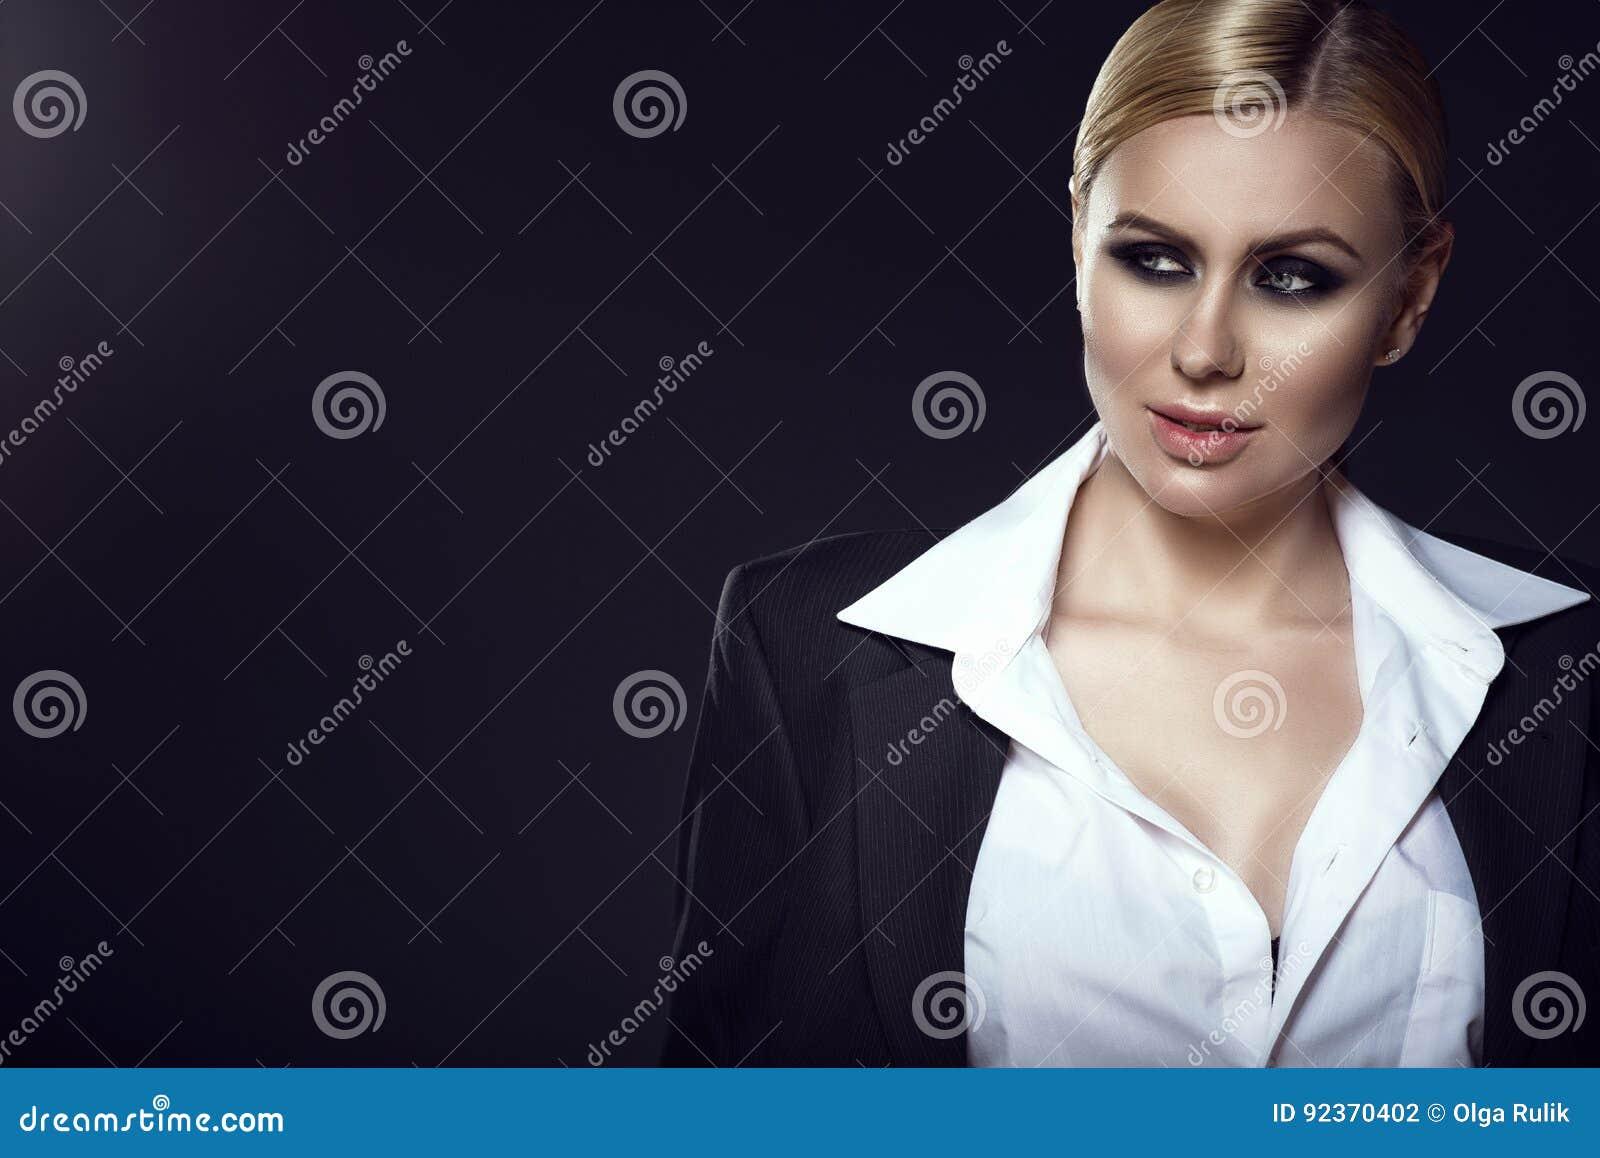 75d5271dc8c6 Γοητευτικό ξανθό πρότυπο στο άσπρο αρσενικό πουκάμισο και σακάκι που  κοιτάζει κατά μέρος με ένα χαμόγελο